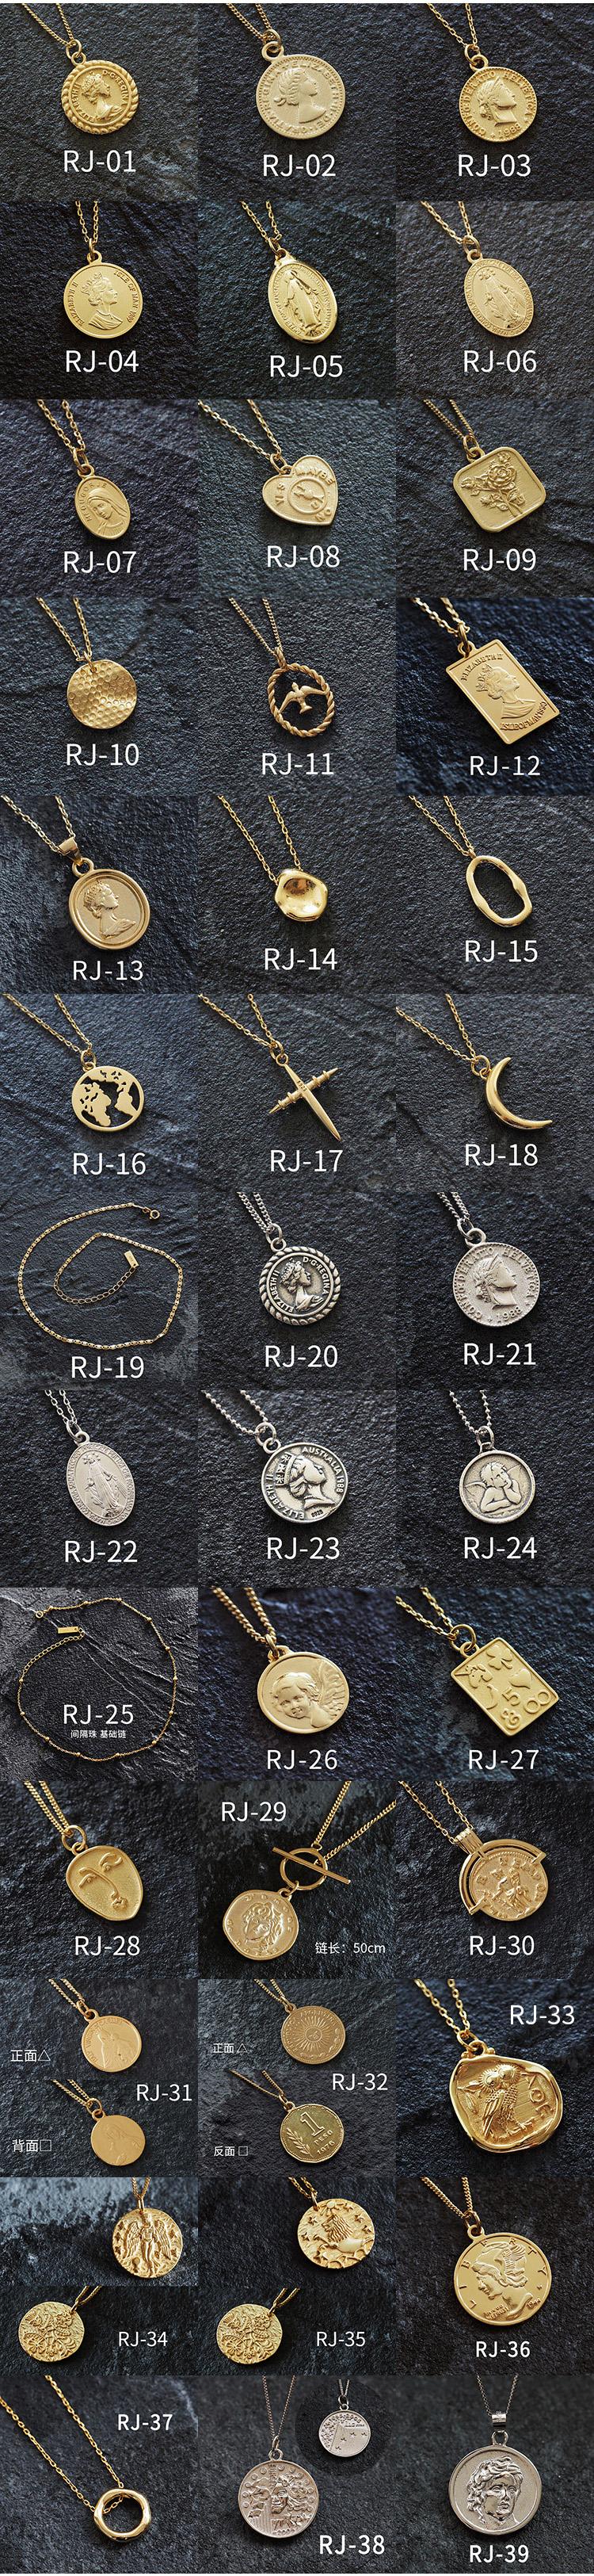 925純銀鎖骨鏈女歐美潮人ins複古人像硬幣錢幣聖母雙麵中長款項鏈